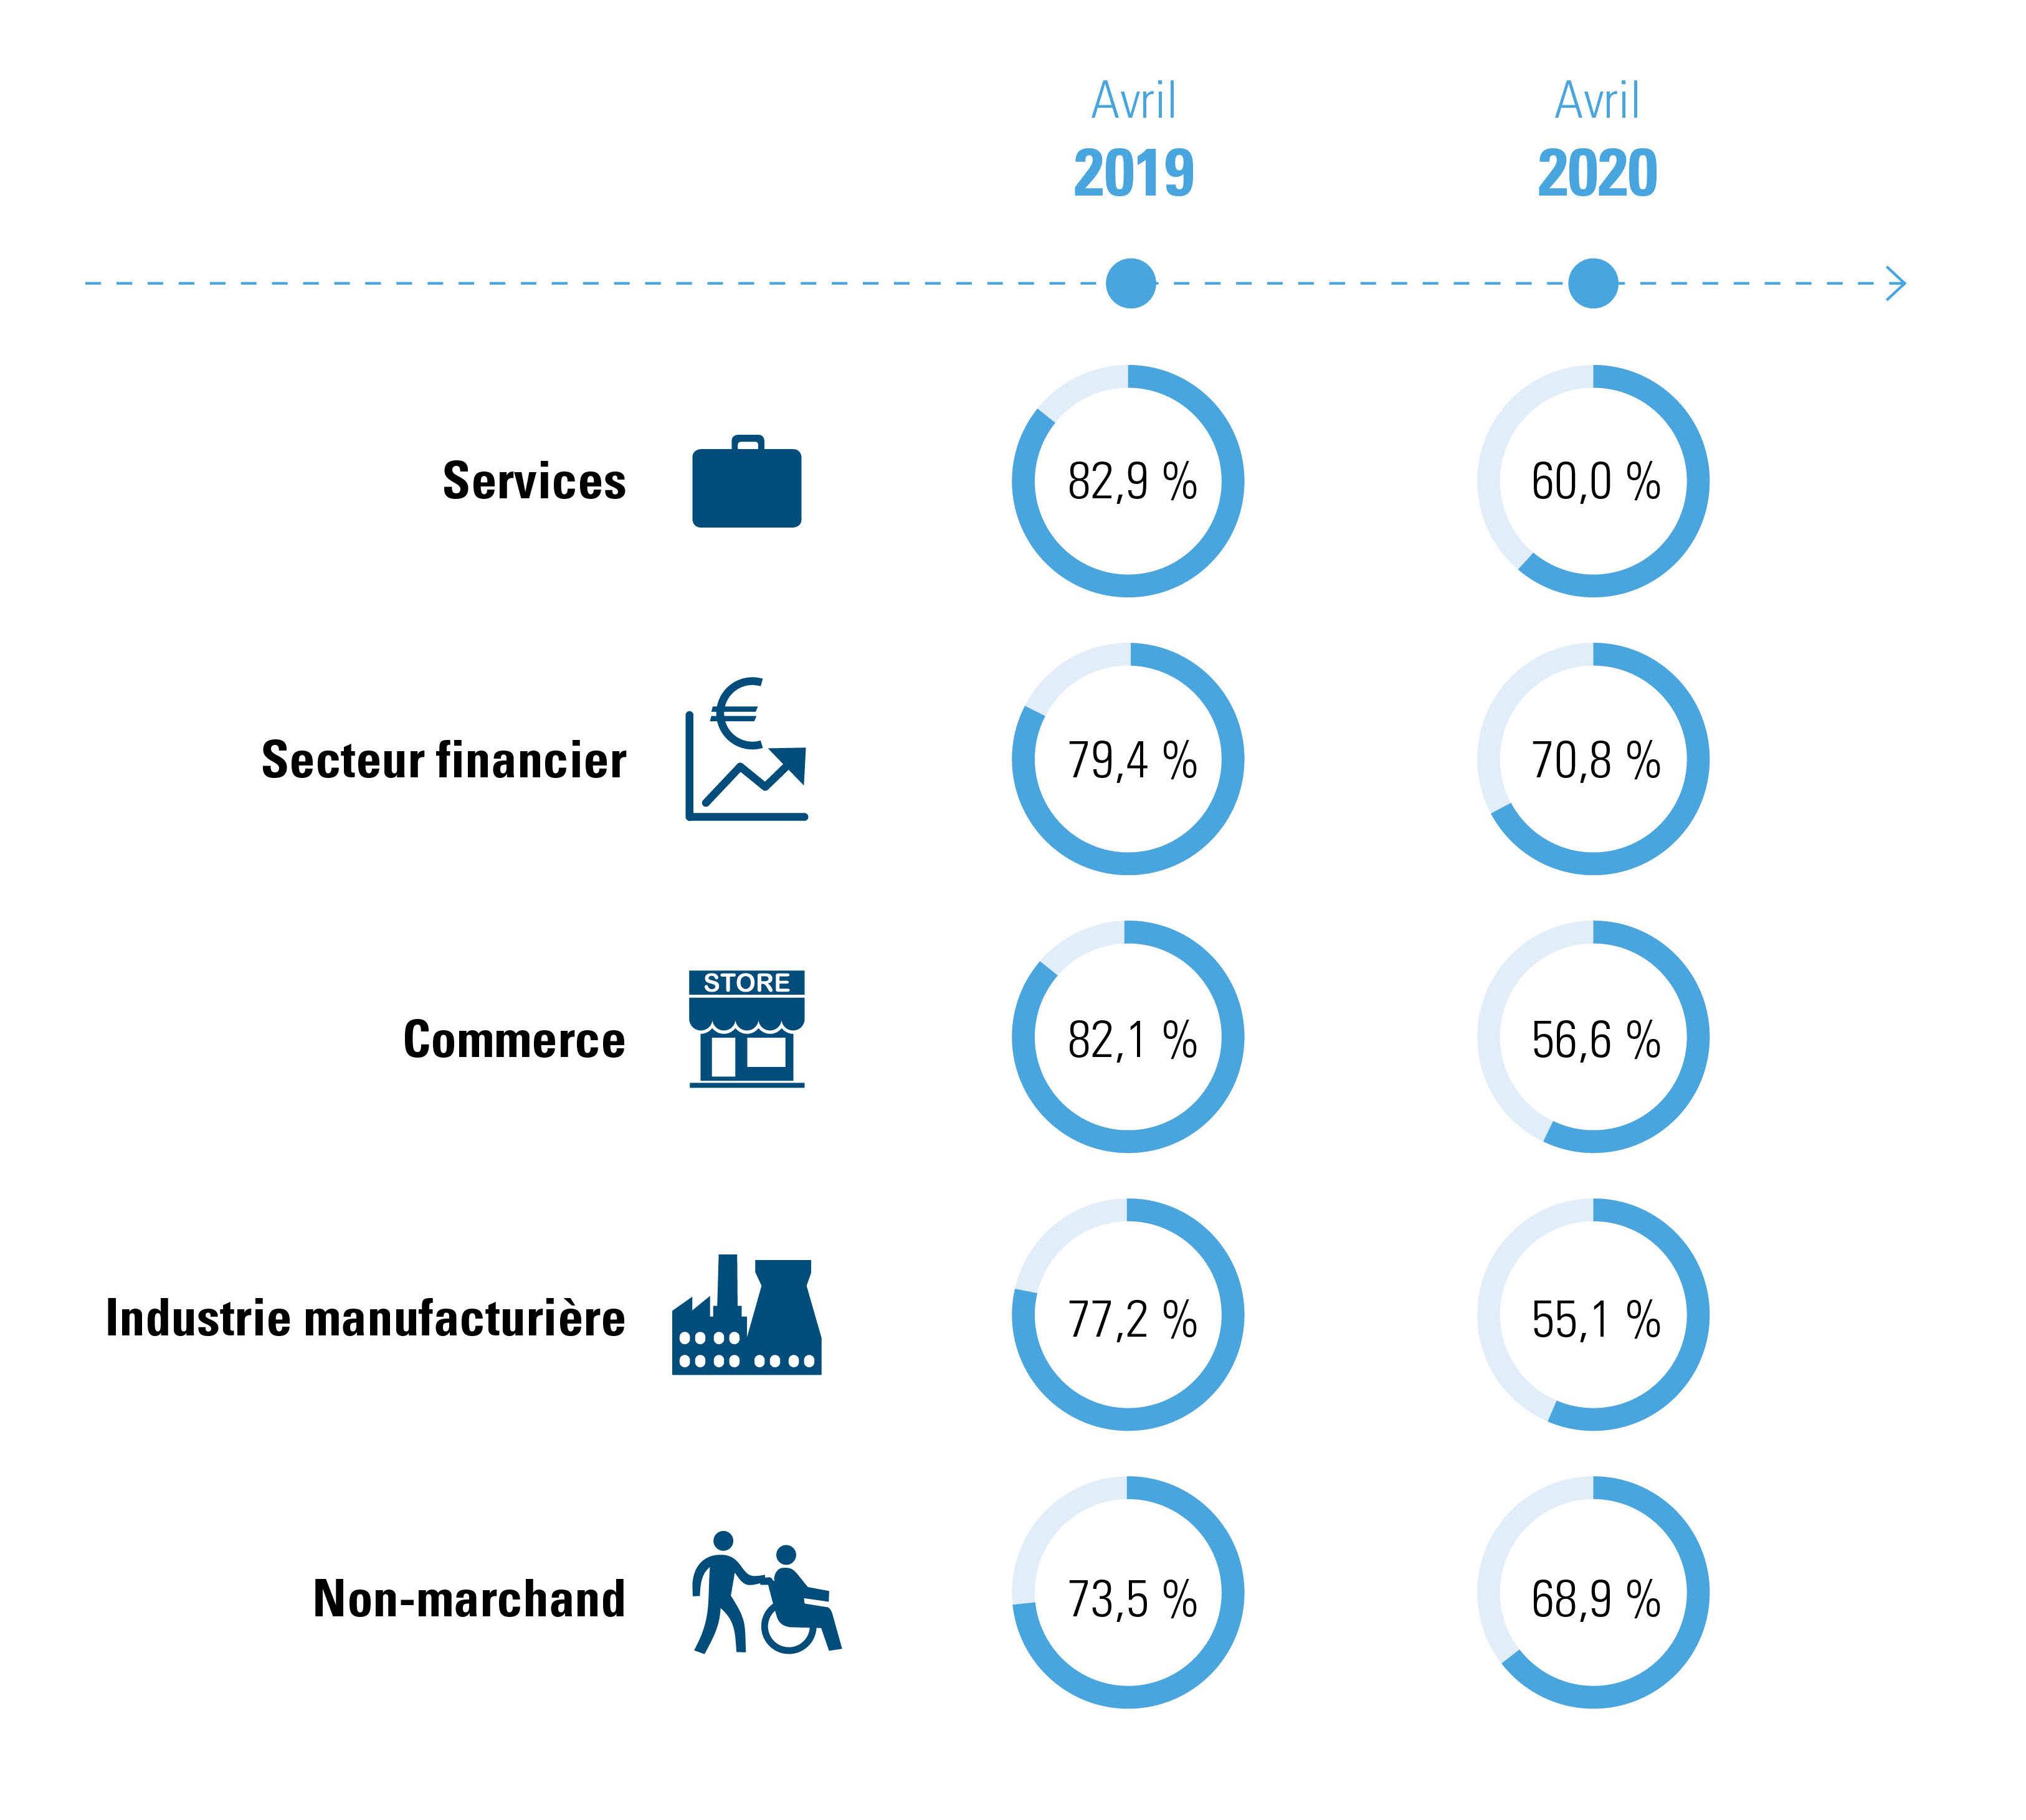 Figure 4 : % des heures de travail prestées par secteur, comparaison avril 2019 - avril 2020